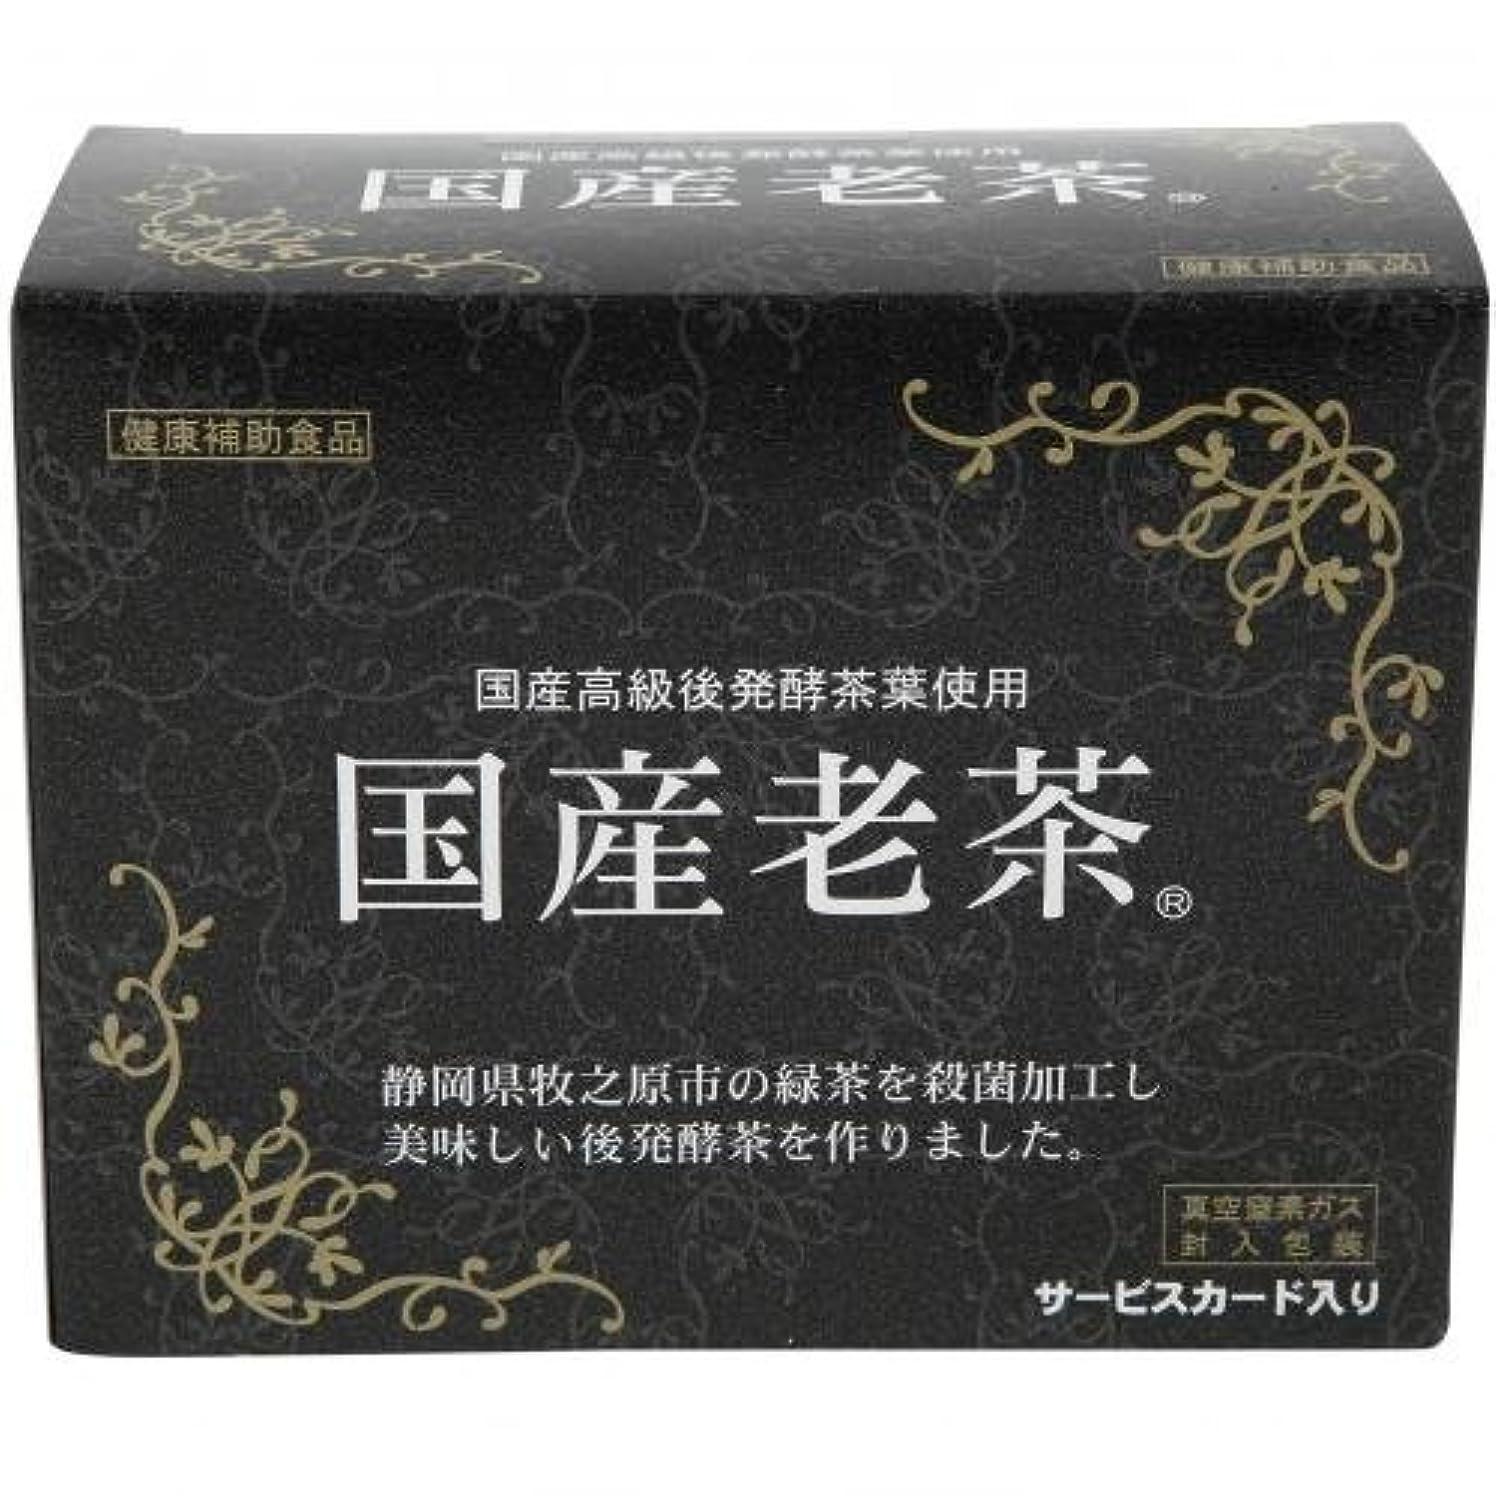 近代化するカーペット甲虫共栄 国産老茶 24包